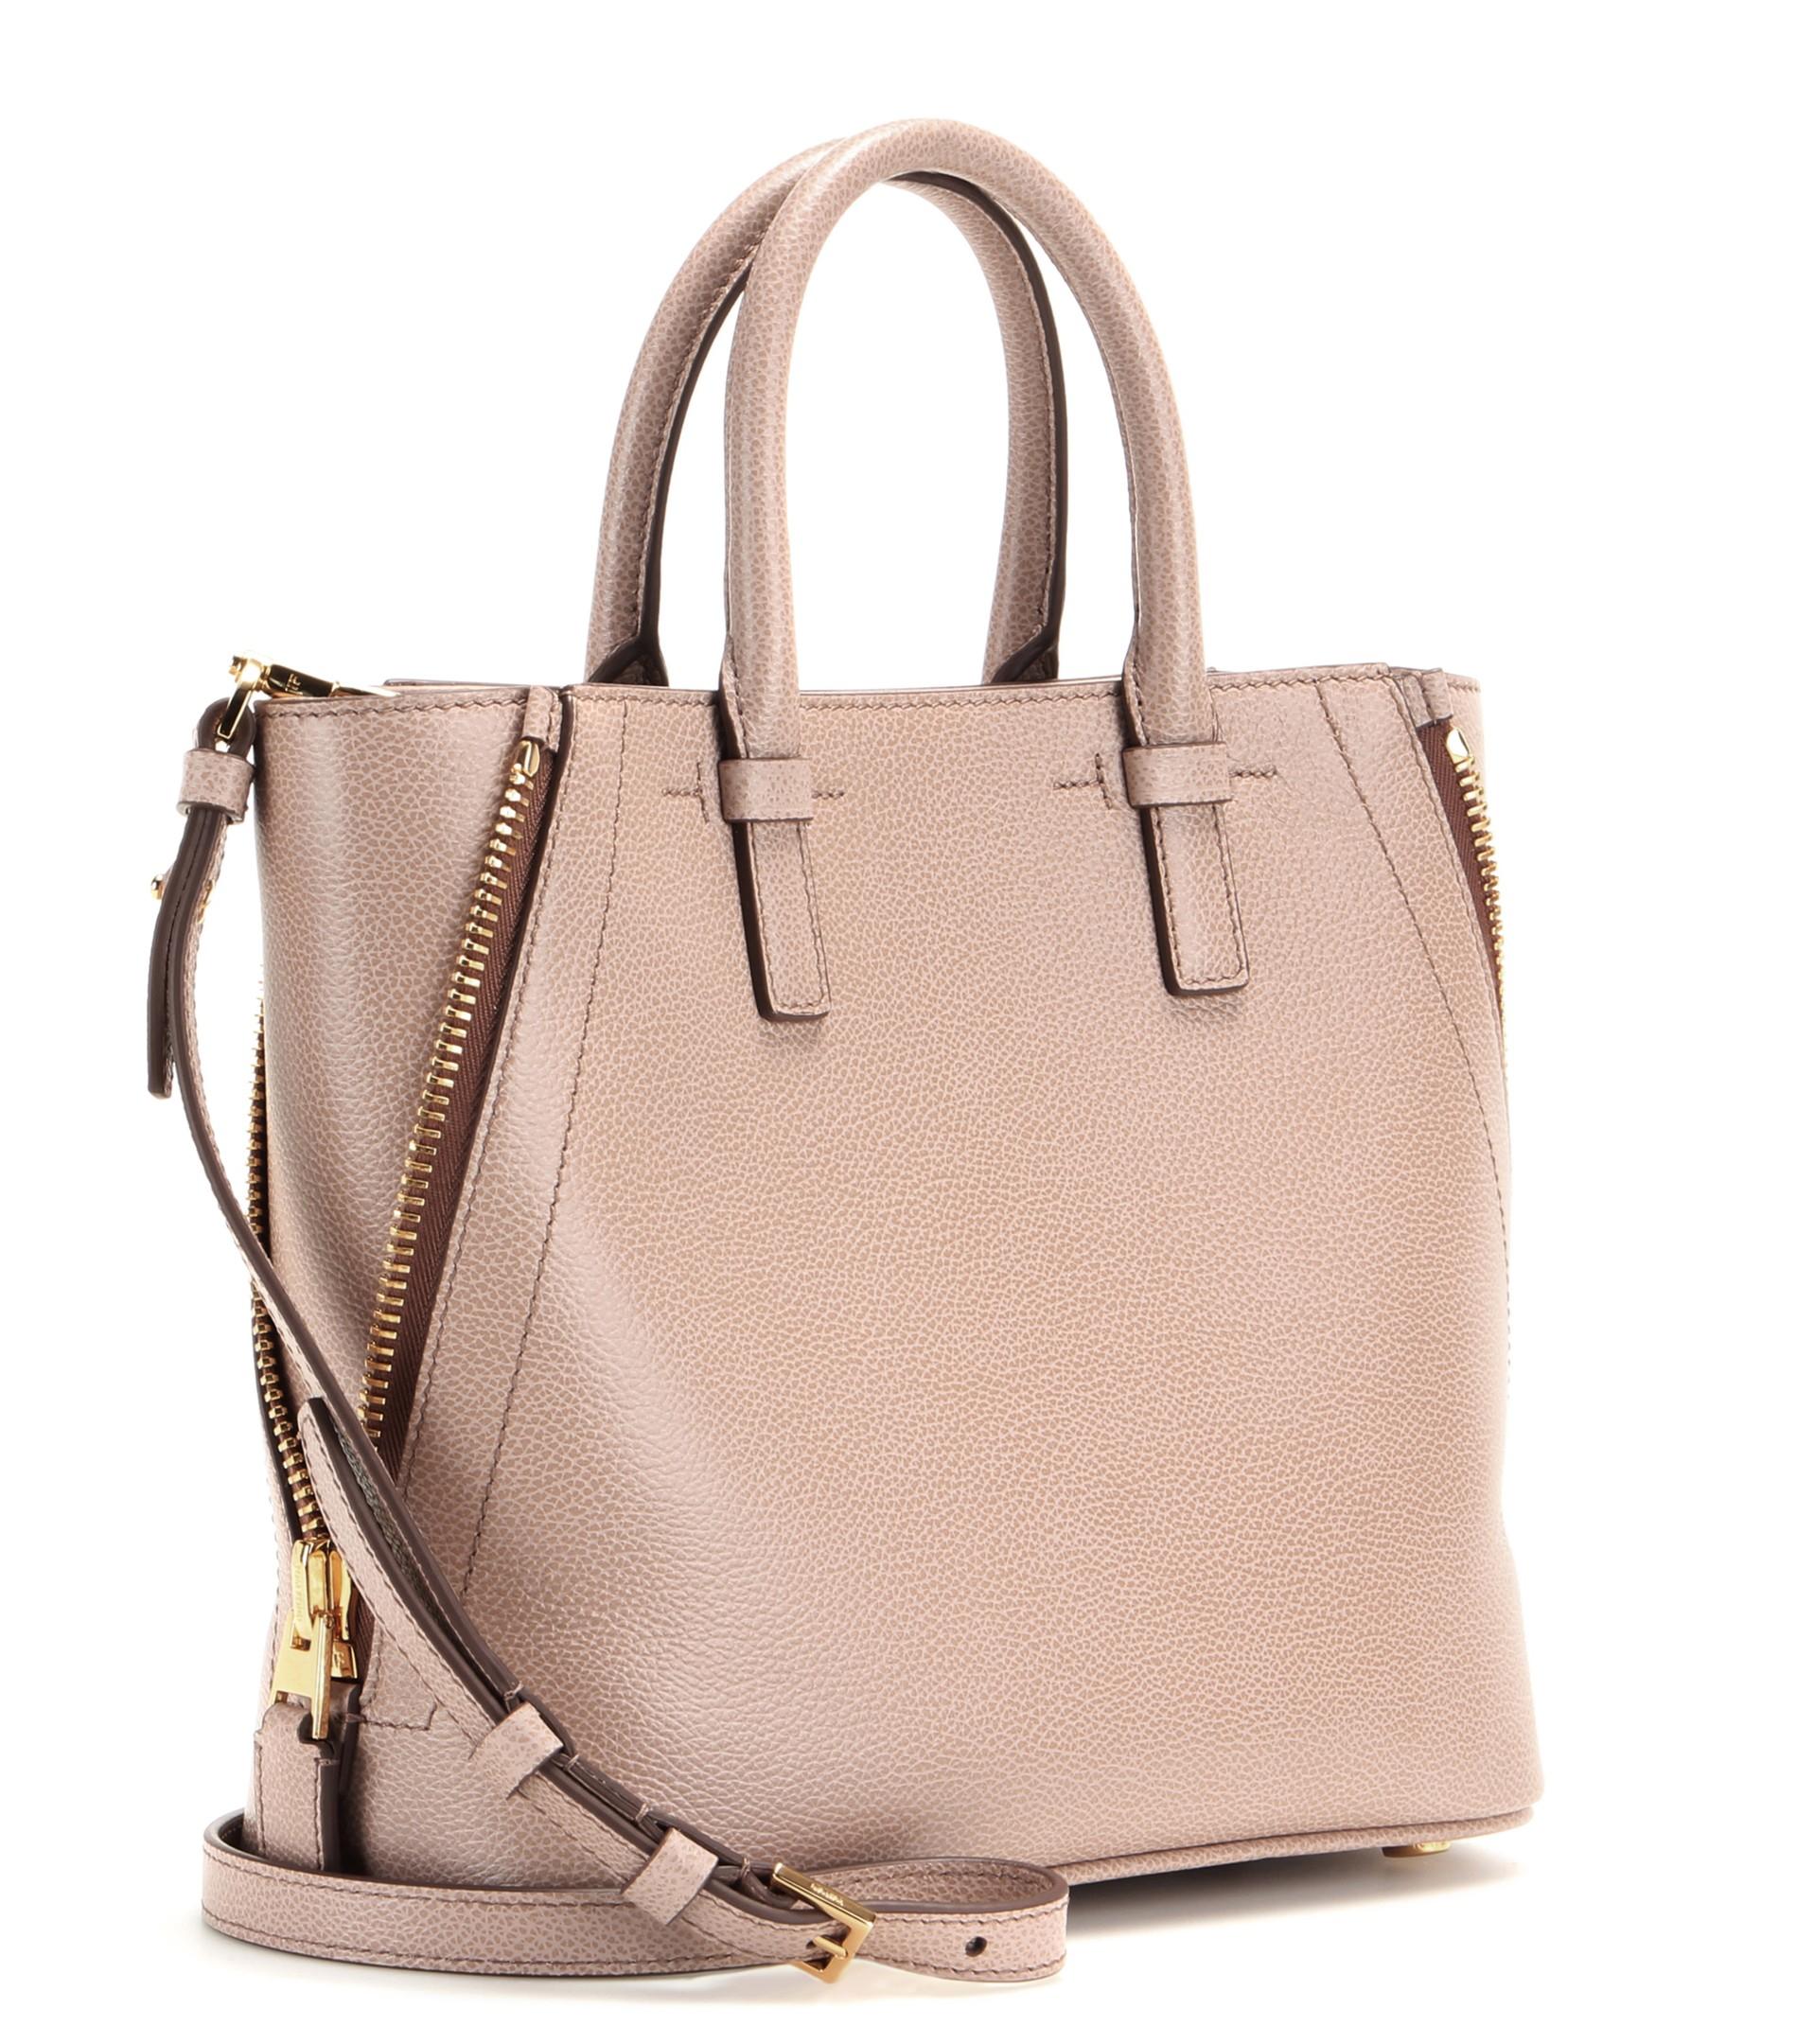 Tom ford Jennifer Leather Shoulder Bag in Pink | Lyst